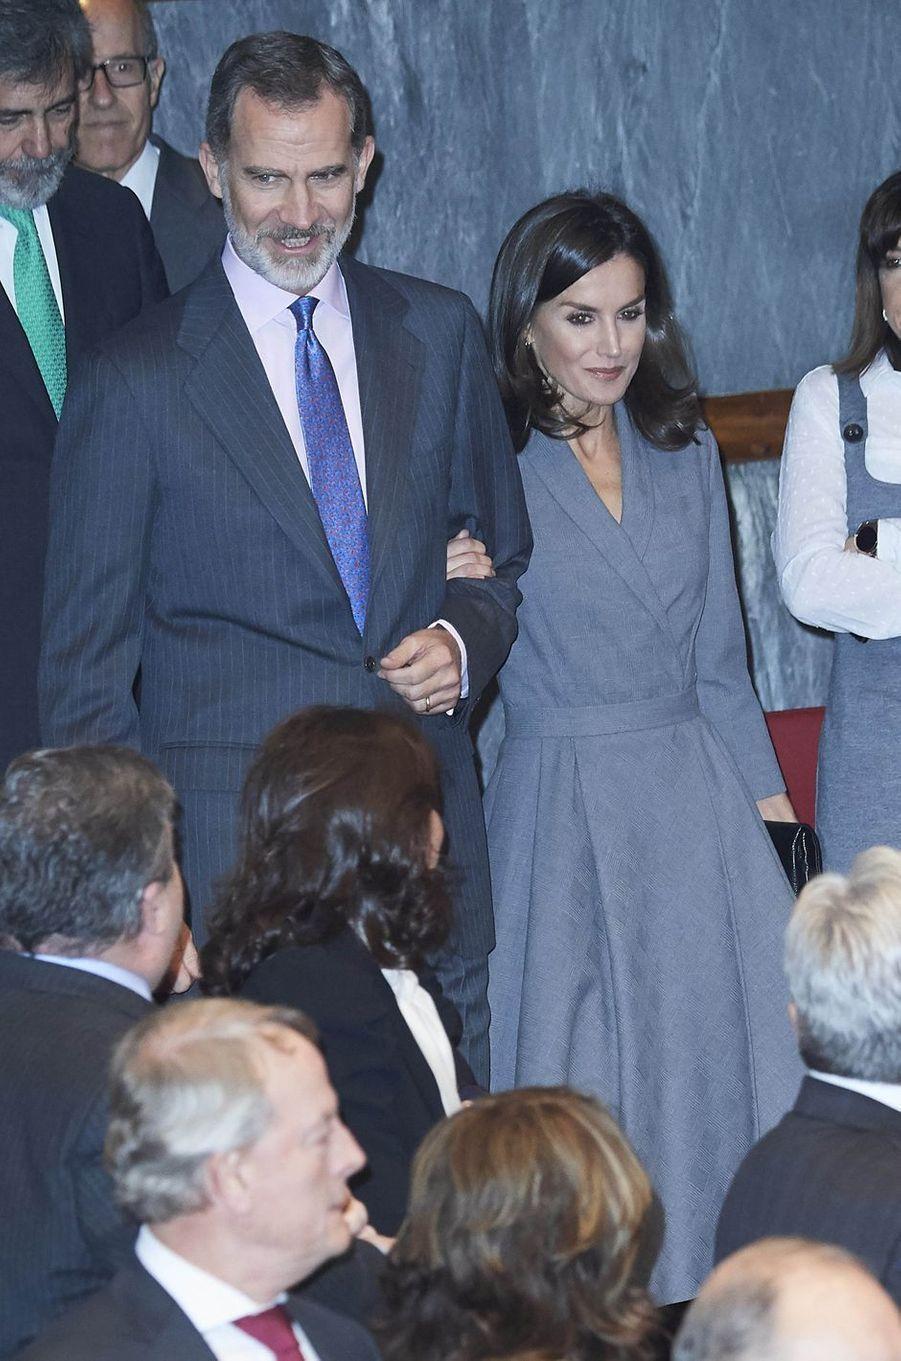 Le roi Felipe VI et la reine Letizia d'Espagne à Madrid, le 26 novembre 2019